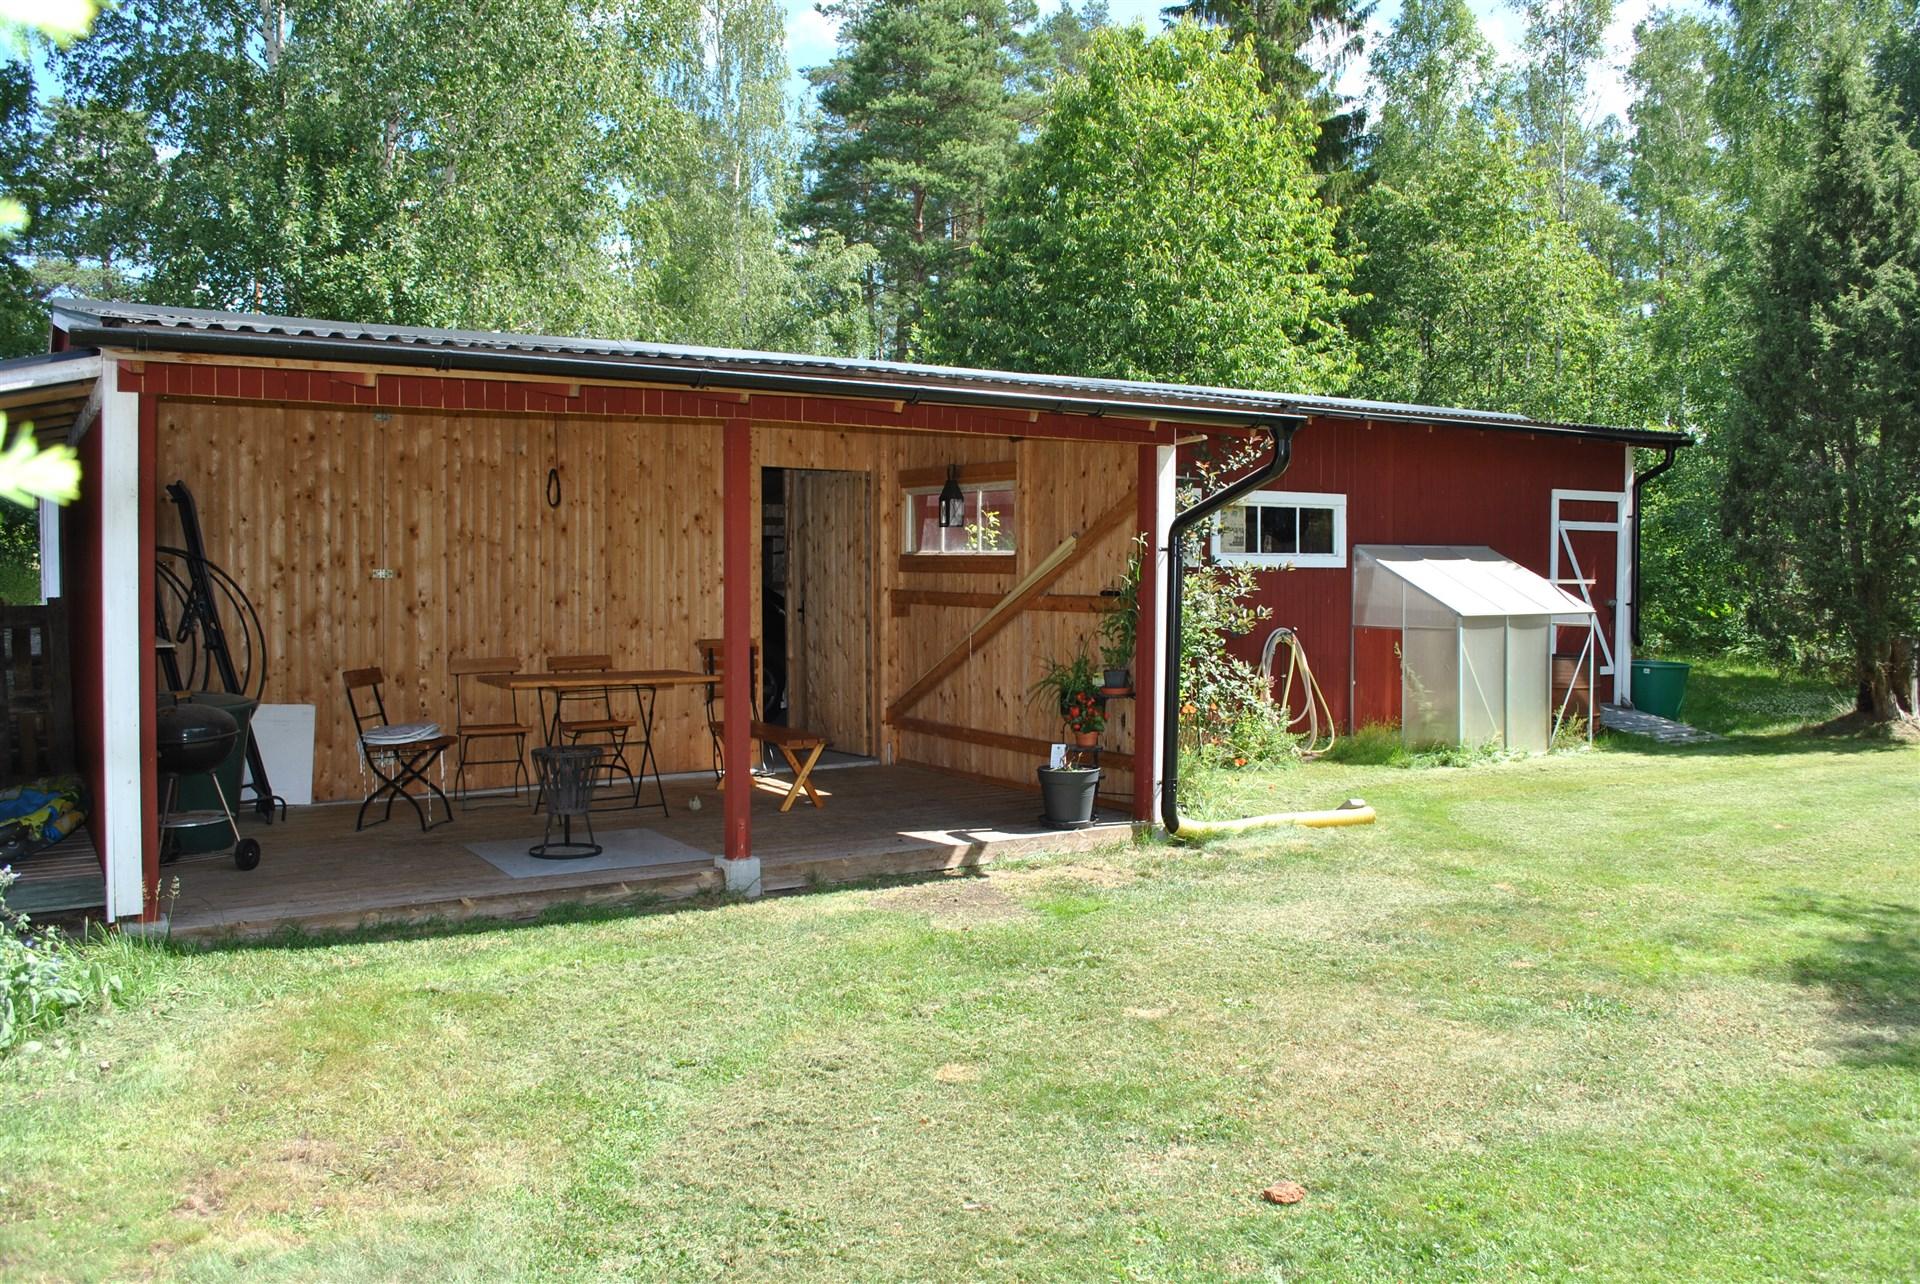 Altan på baksidan av garaget